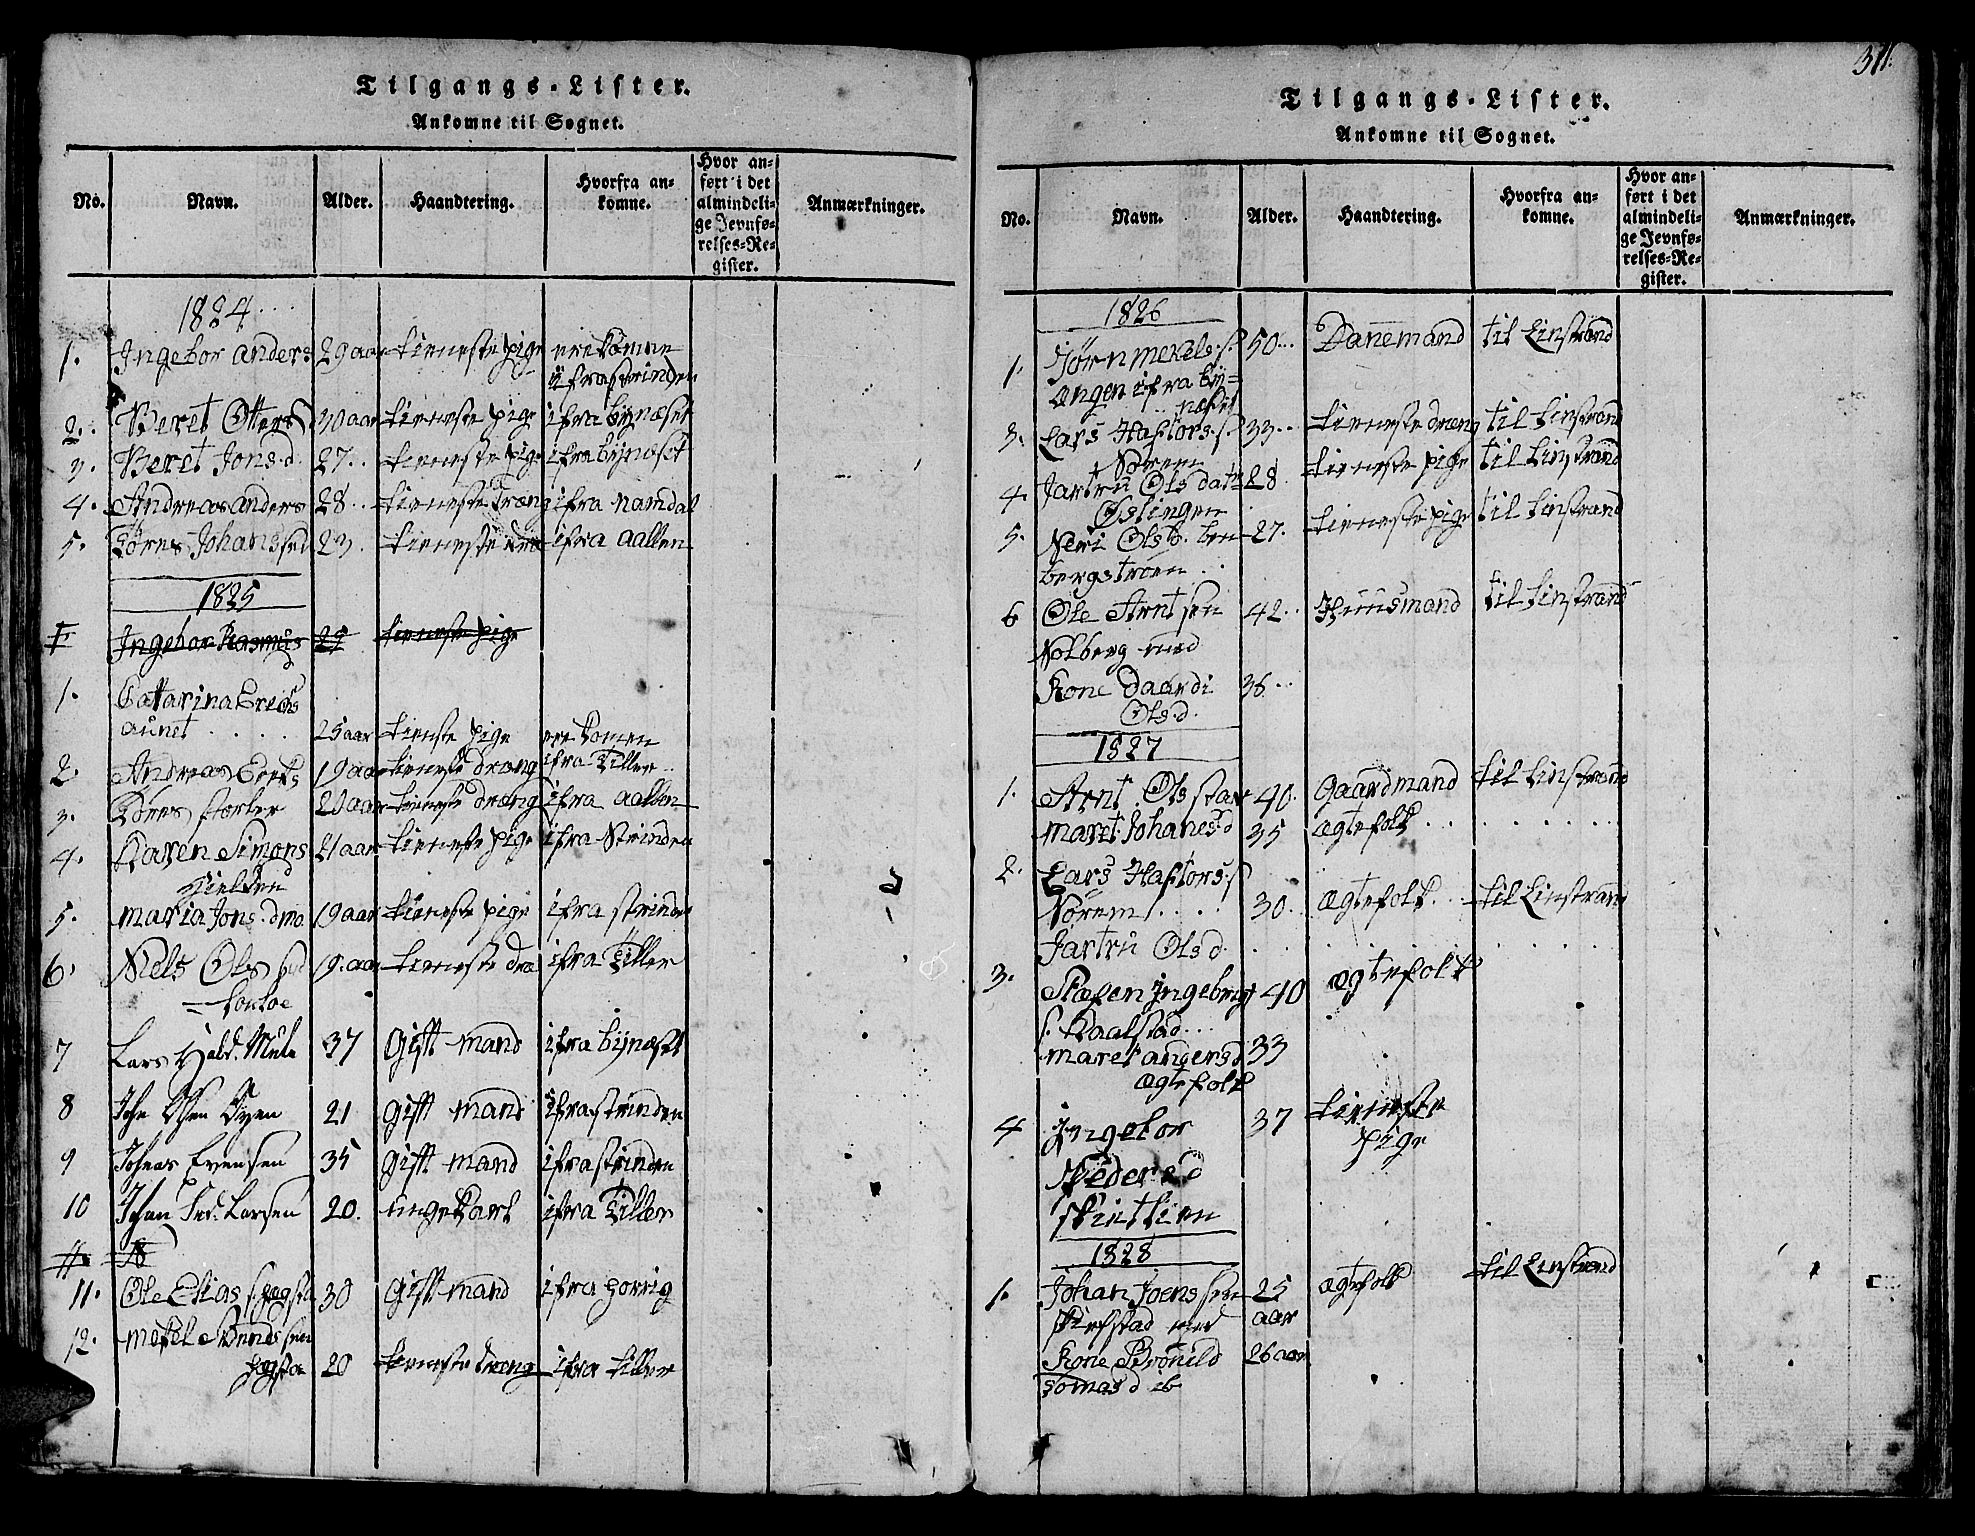 SAT, Ministerialprotokoller, klokkerbøker og fødselsregistre - Sør-Trøndelag, 613/L0393: Klokkerbok nr. 613C01, 1816-1886, s. 311